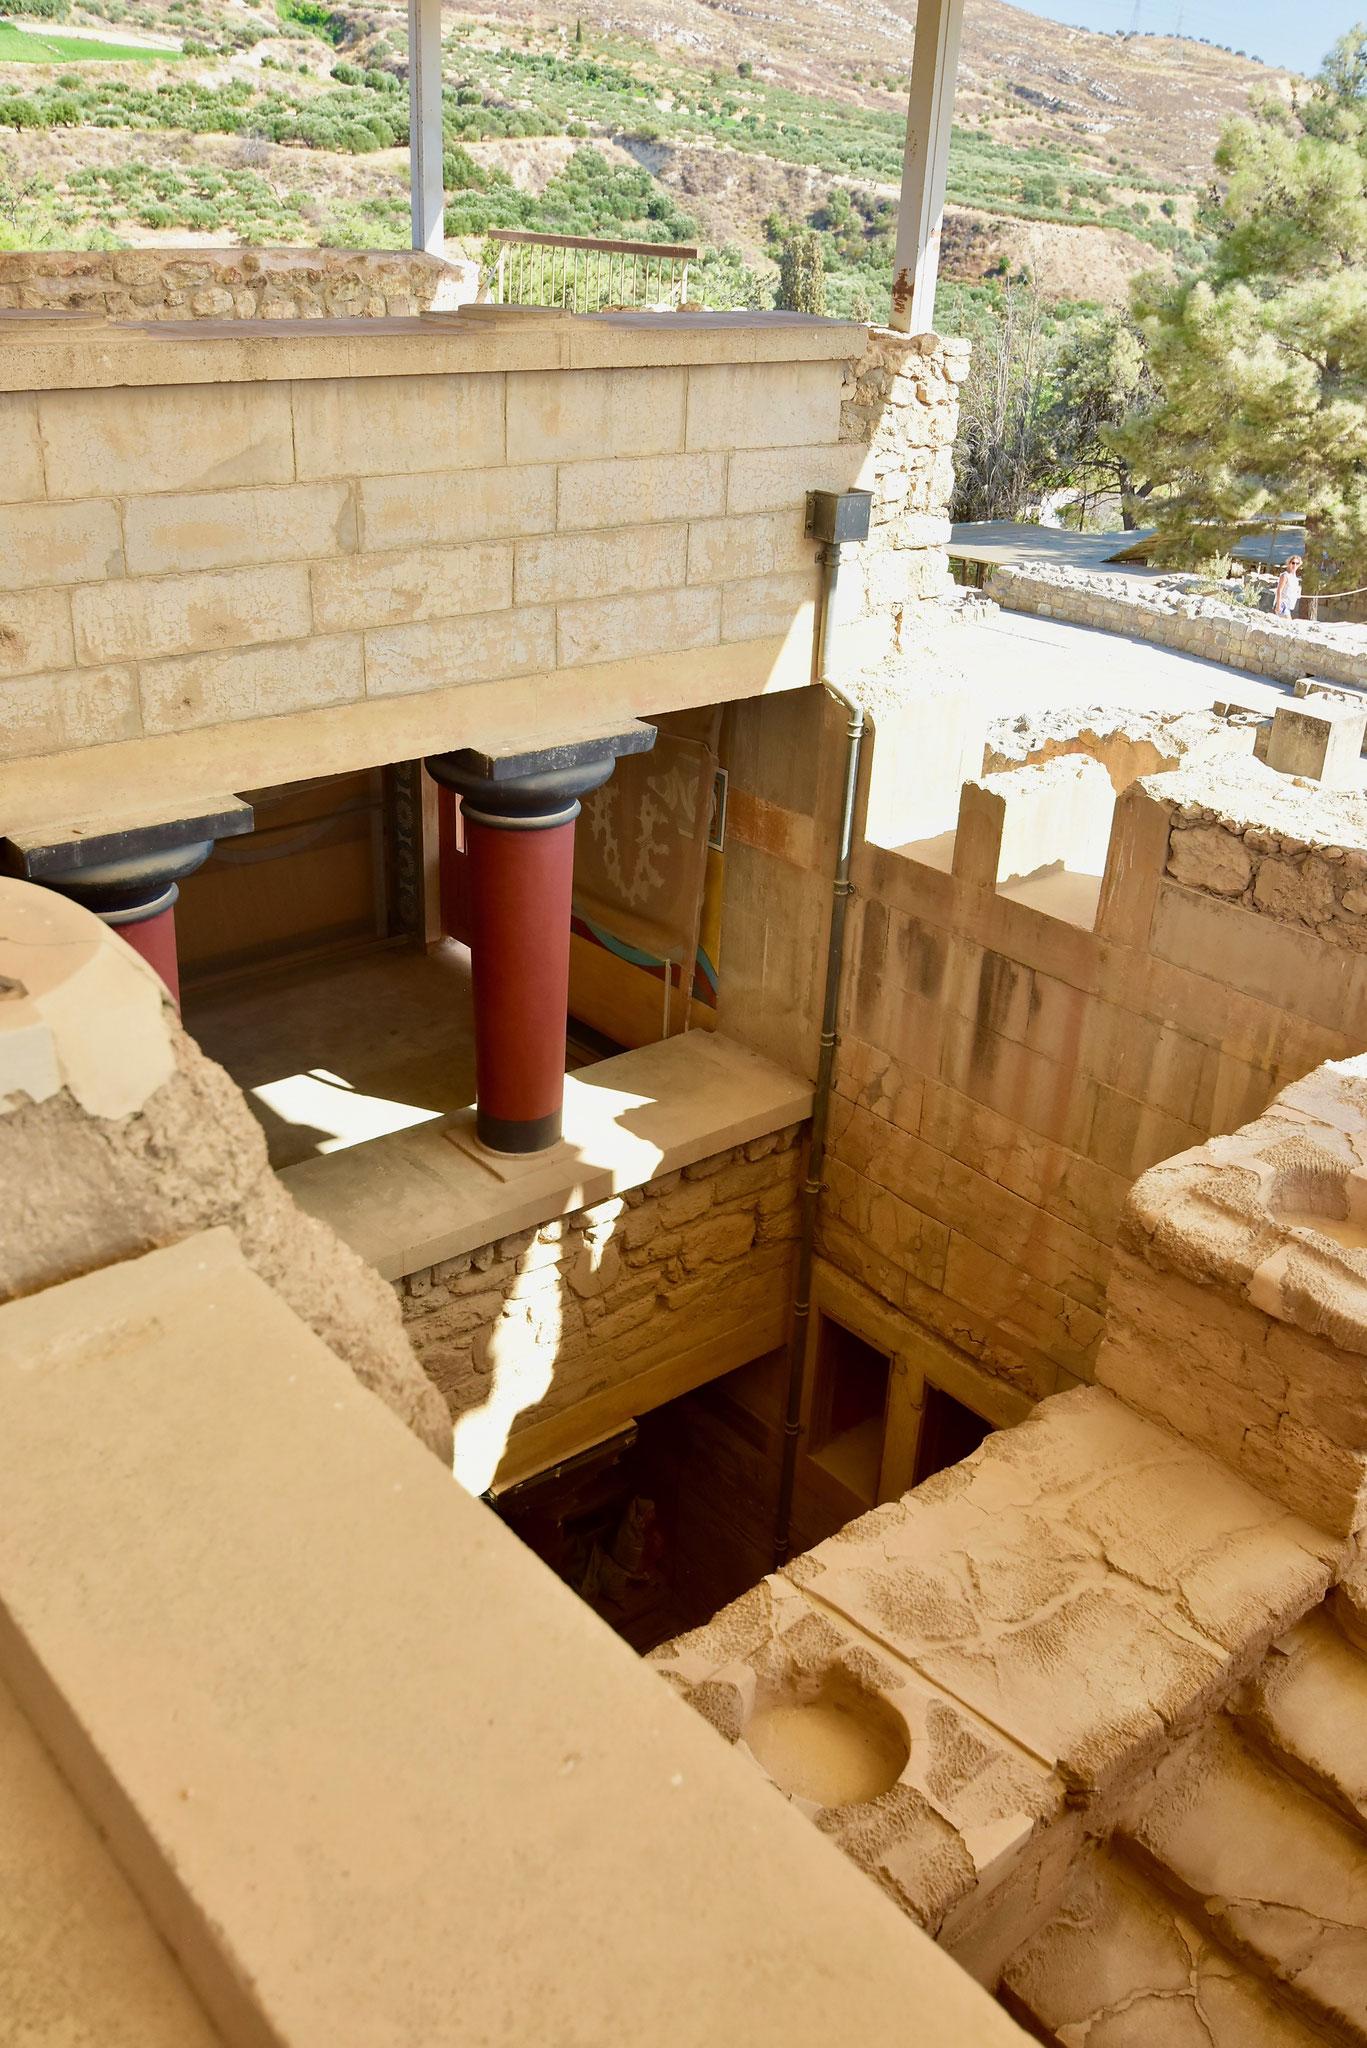 4〜5層の部分も残るクノッソス宮殿。ダイタロスが翼をつけて逃げたという吹き抜けの中庭はどれだろうと想像してみる